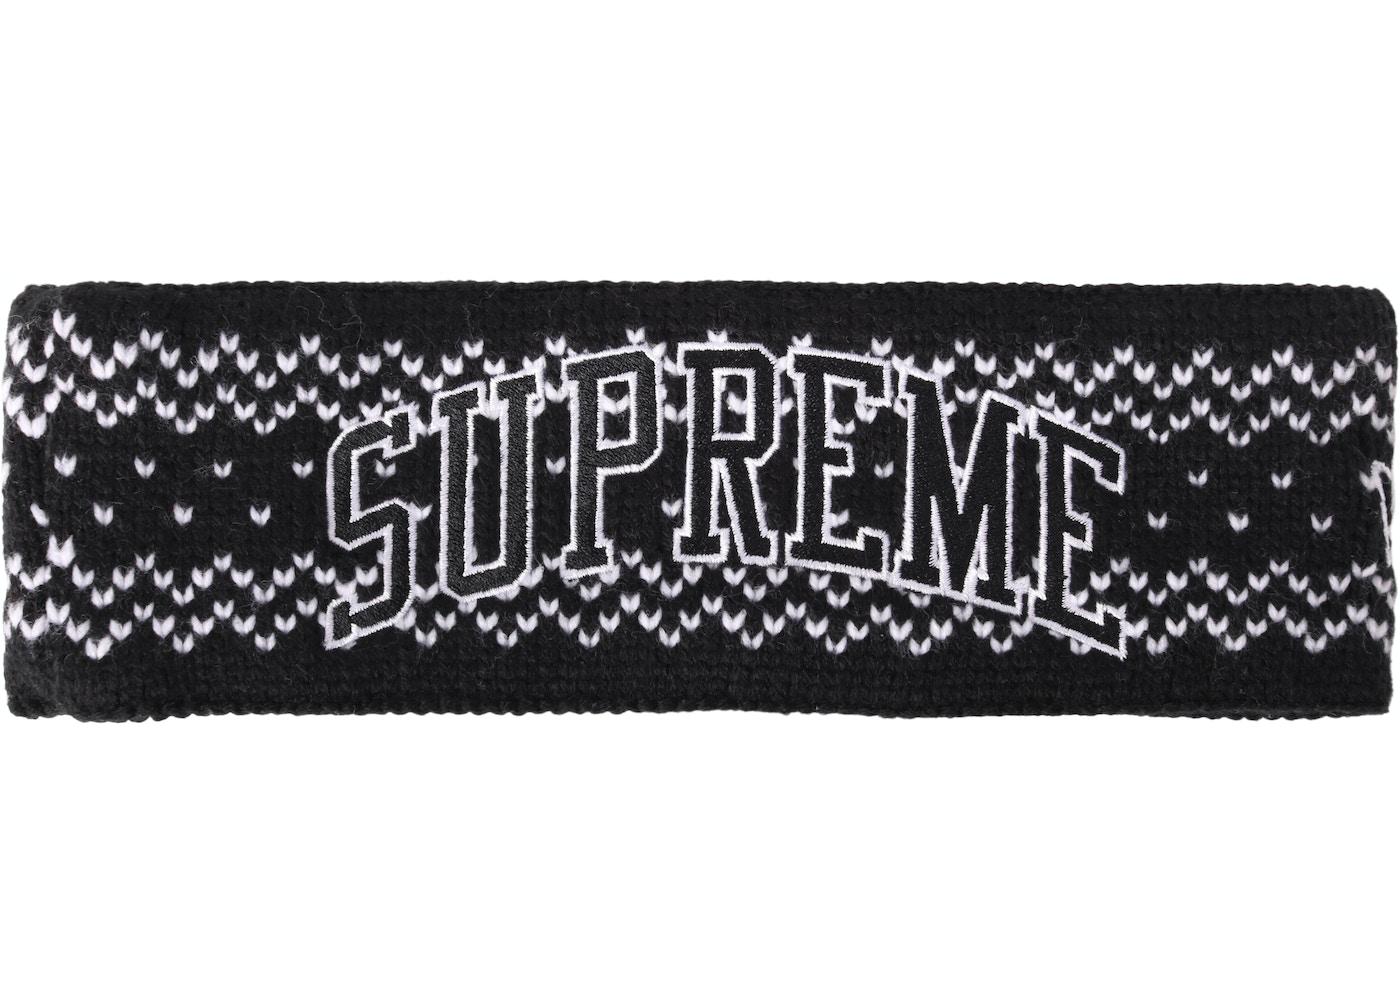 cdbe2e9ef02 Supreme Headwear - Buy   Sell Streetwear